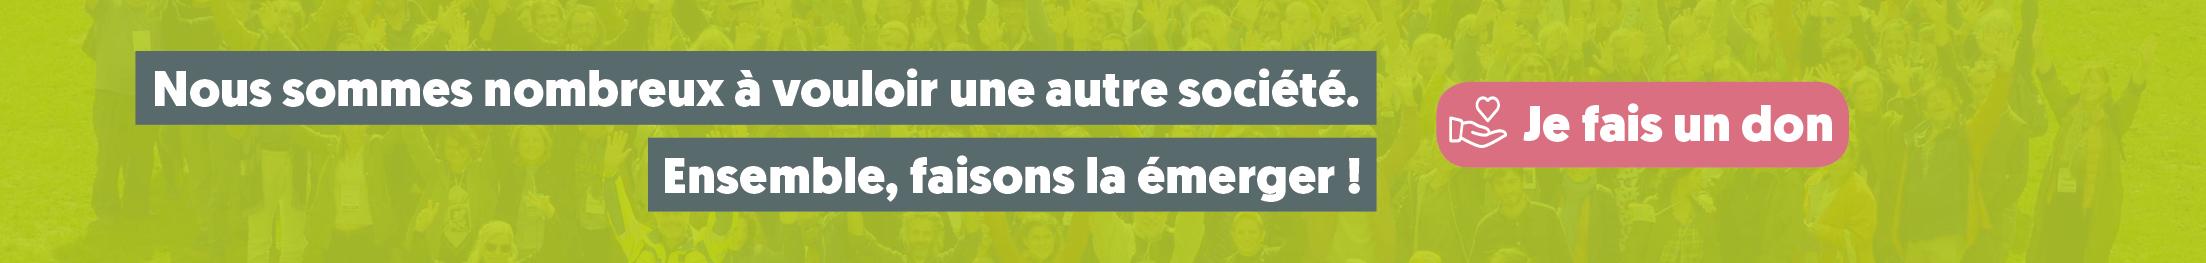 image bandeau_appel__dons.jpg (0.3MB)